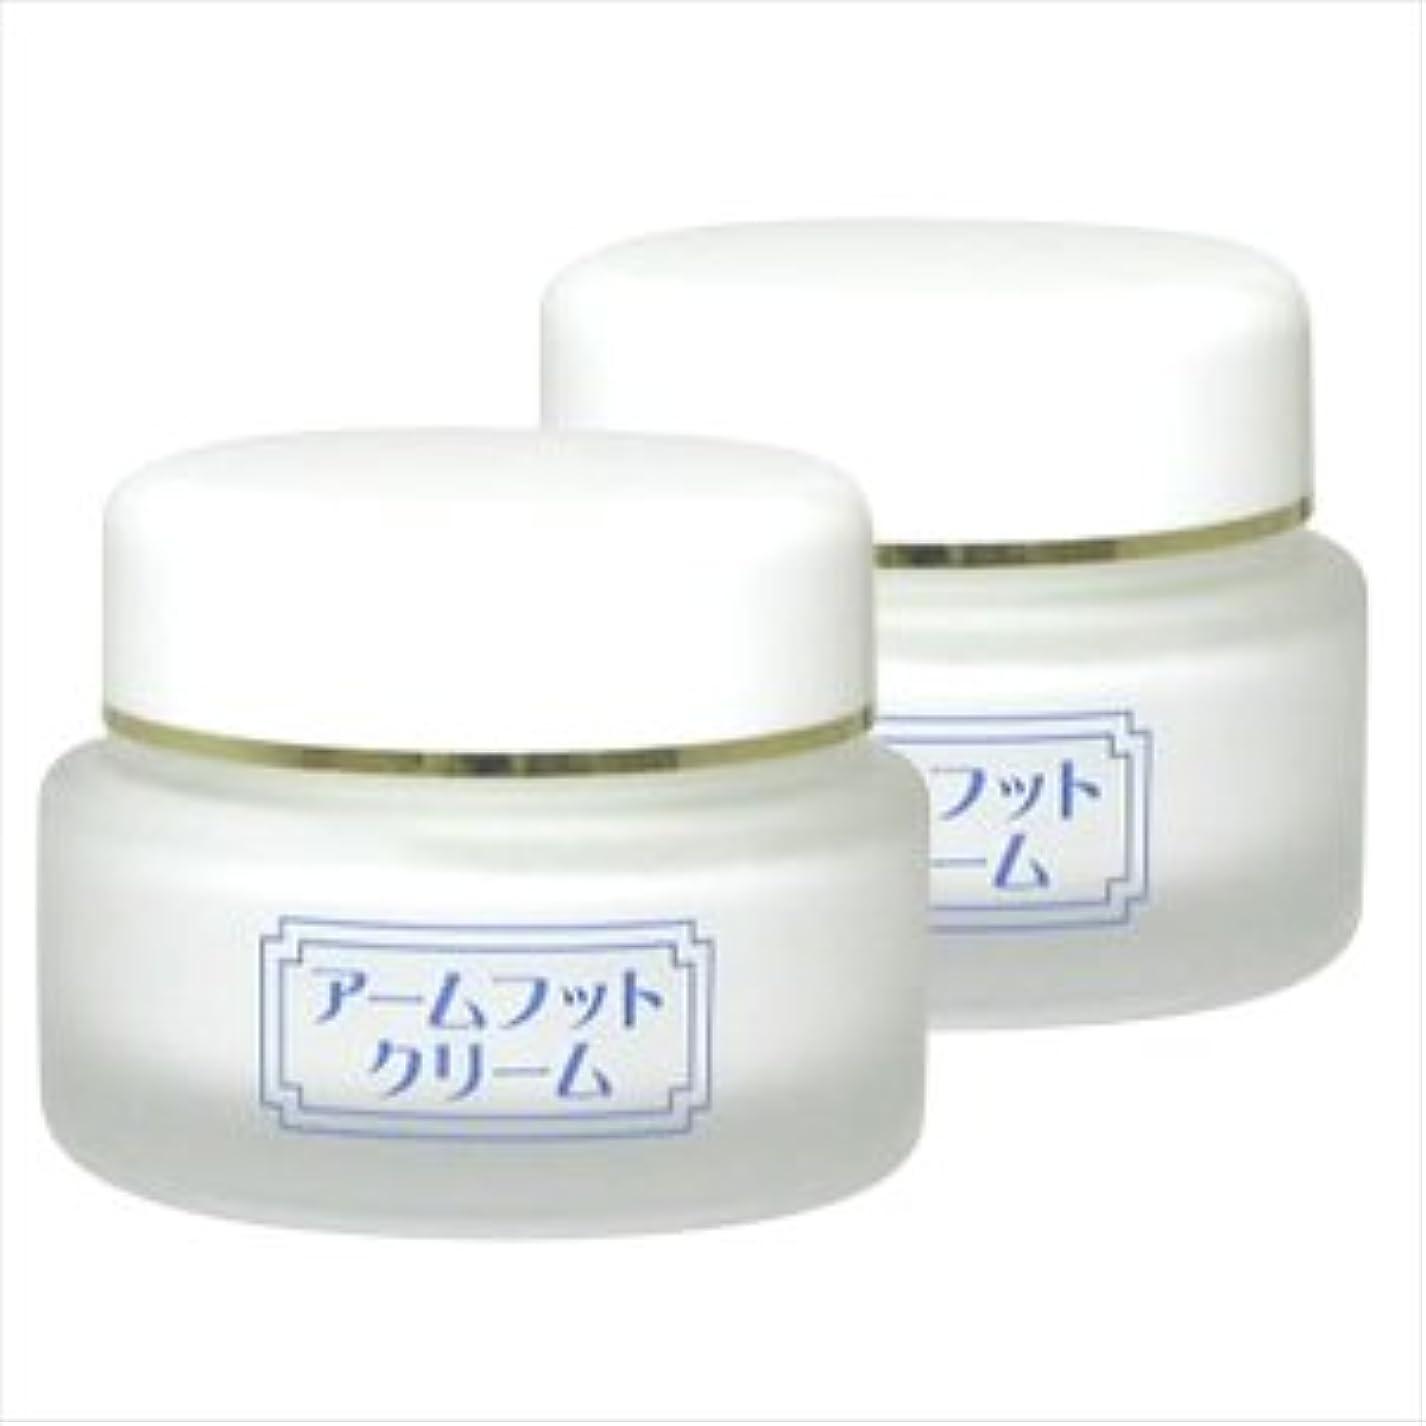 止まる次へ切り刻む薬用デオドラントクリーム アームフットクリーム(20g) (2個セット)